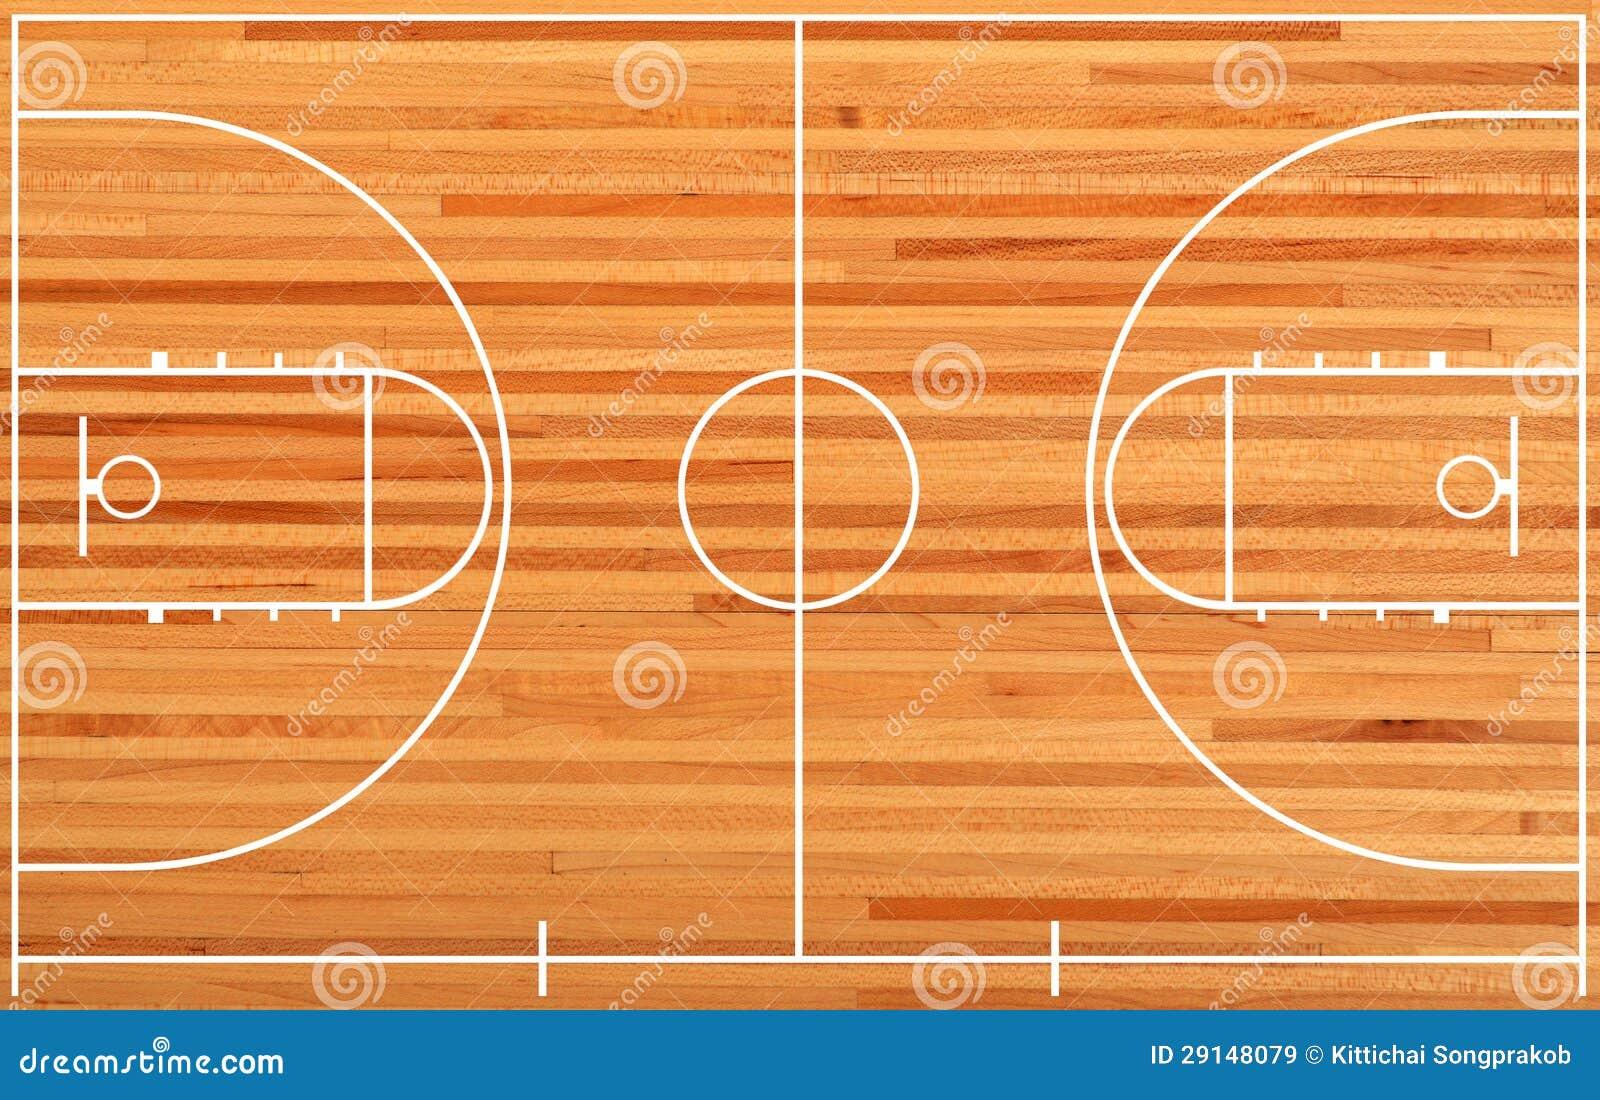 terrain de basket illustration stock illustration du dessin 29148079. Black Bedroom Furniture Sets. Home Design Ideas